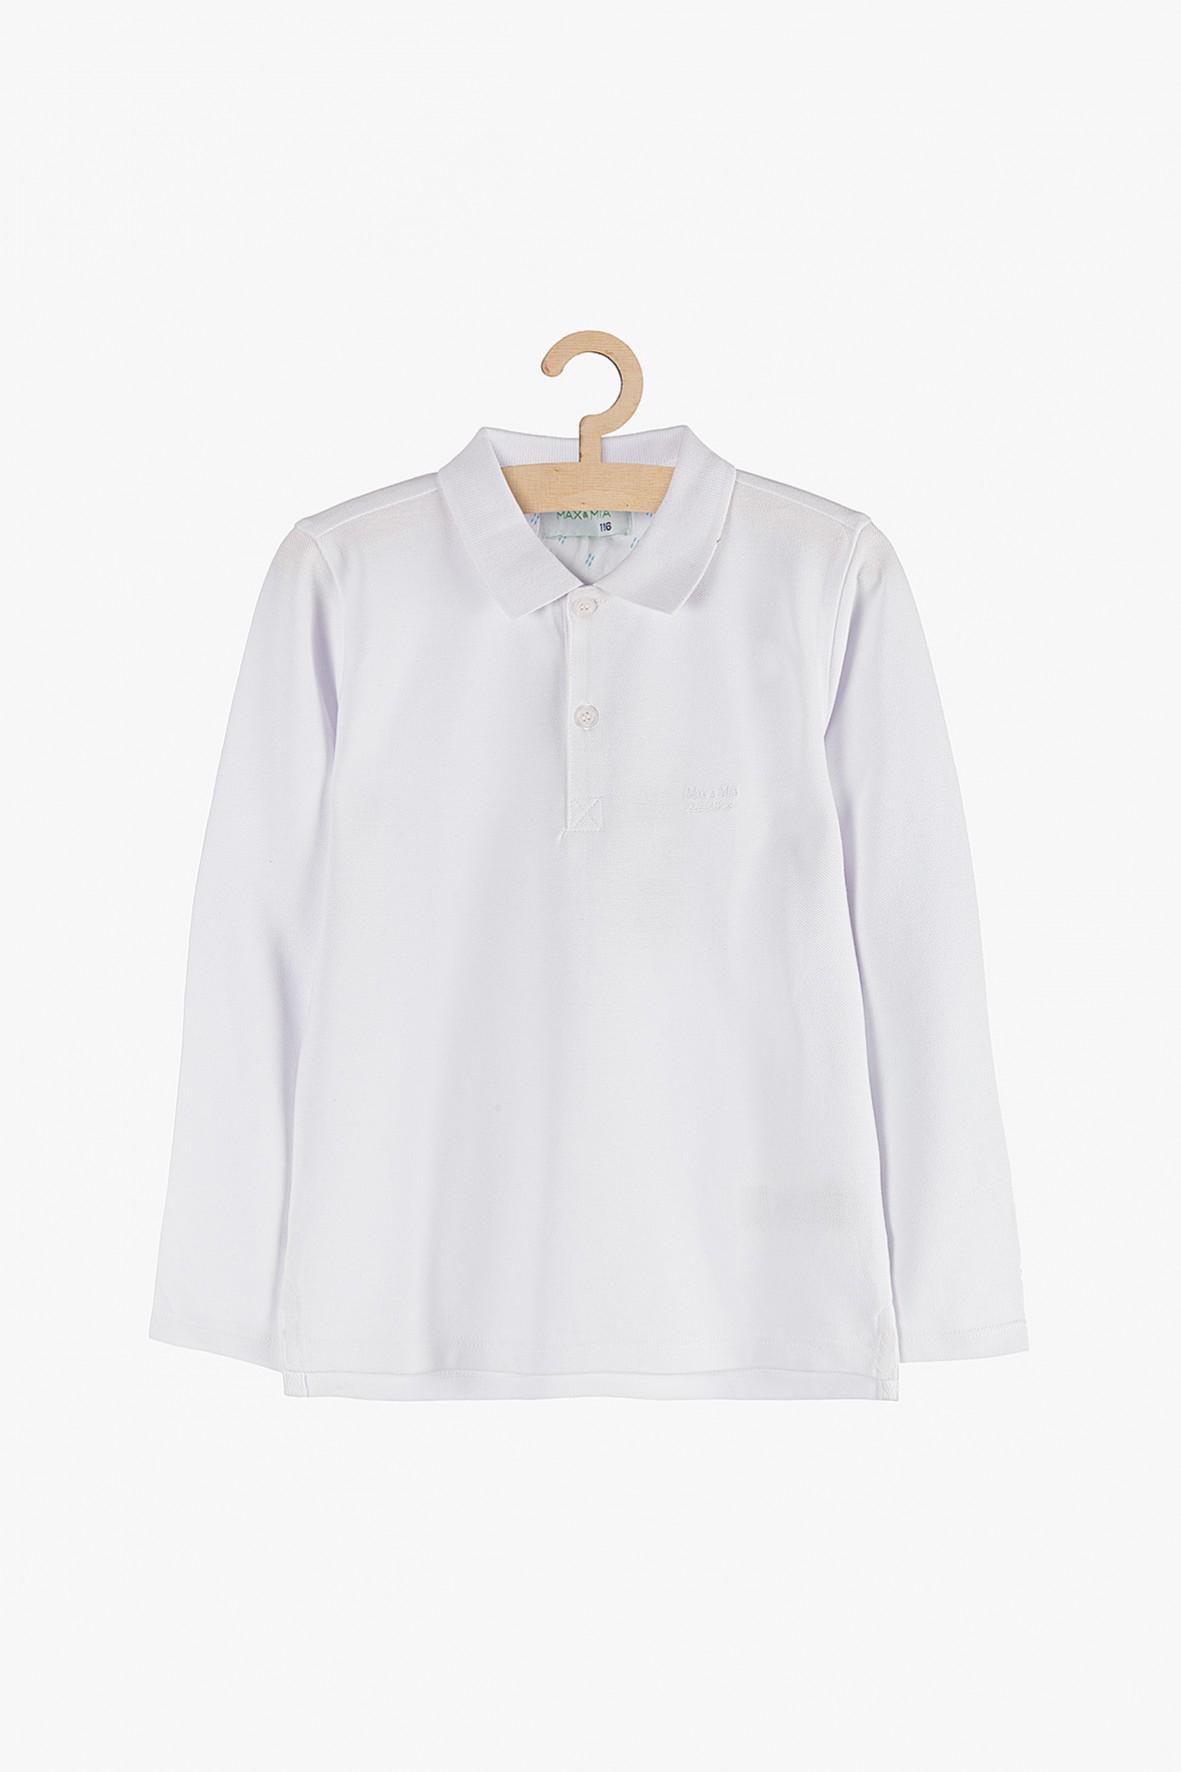 Bluzka chłopięca biała z kołnierzykiem-100% bawełna